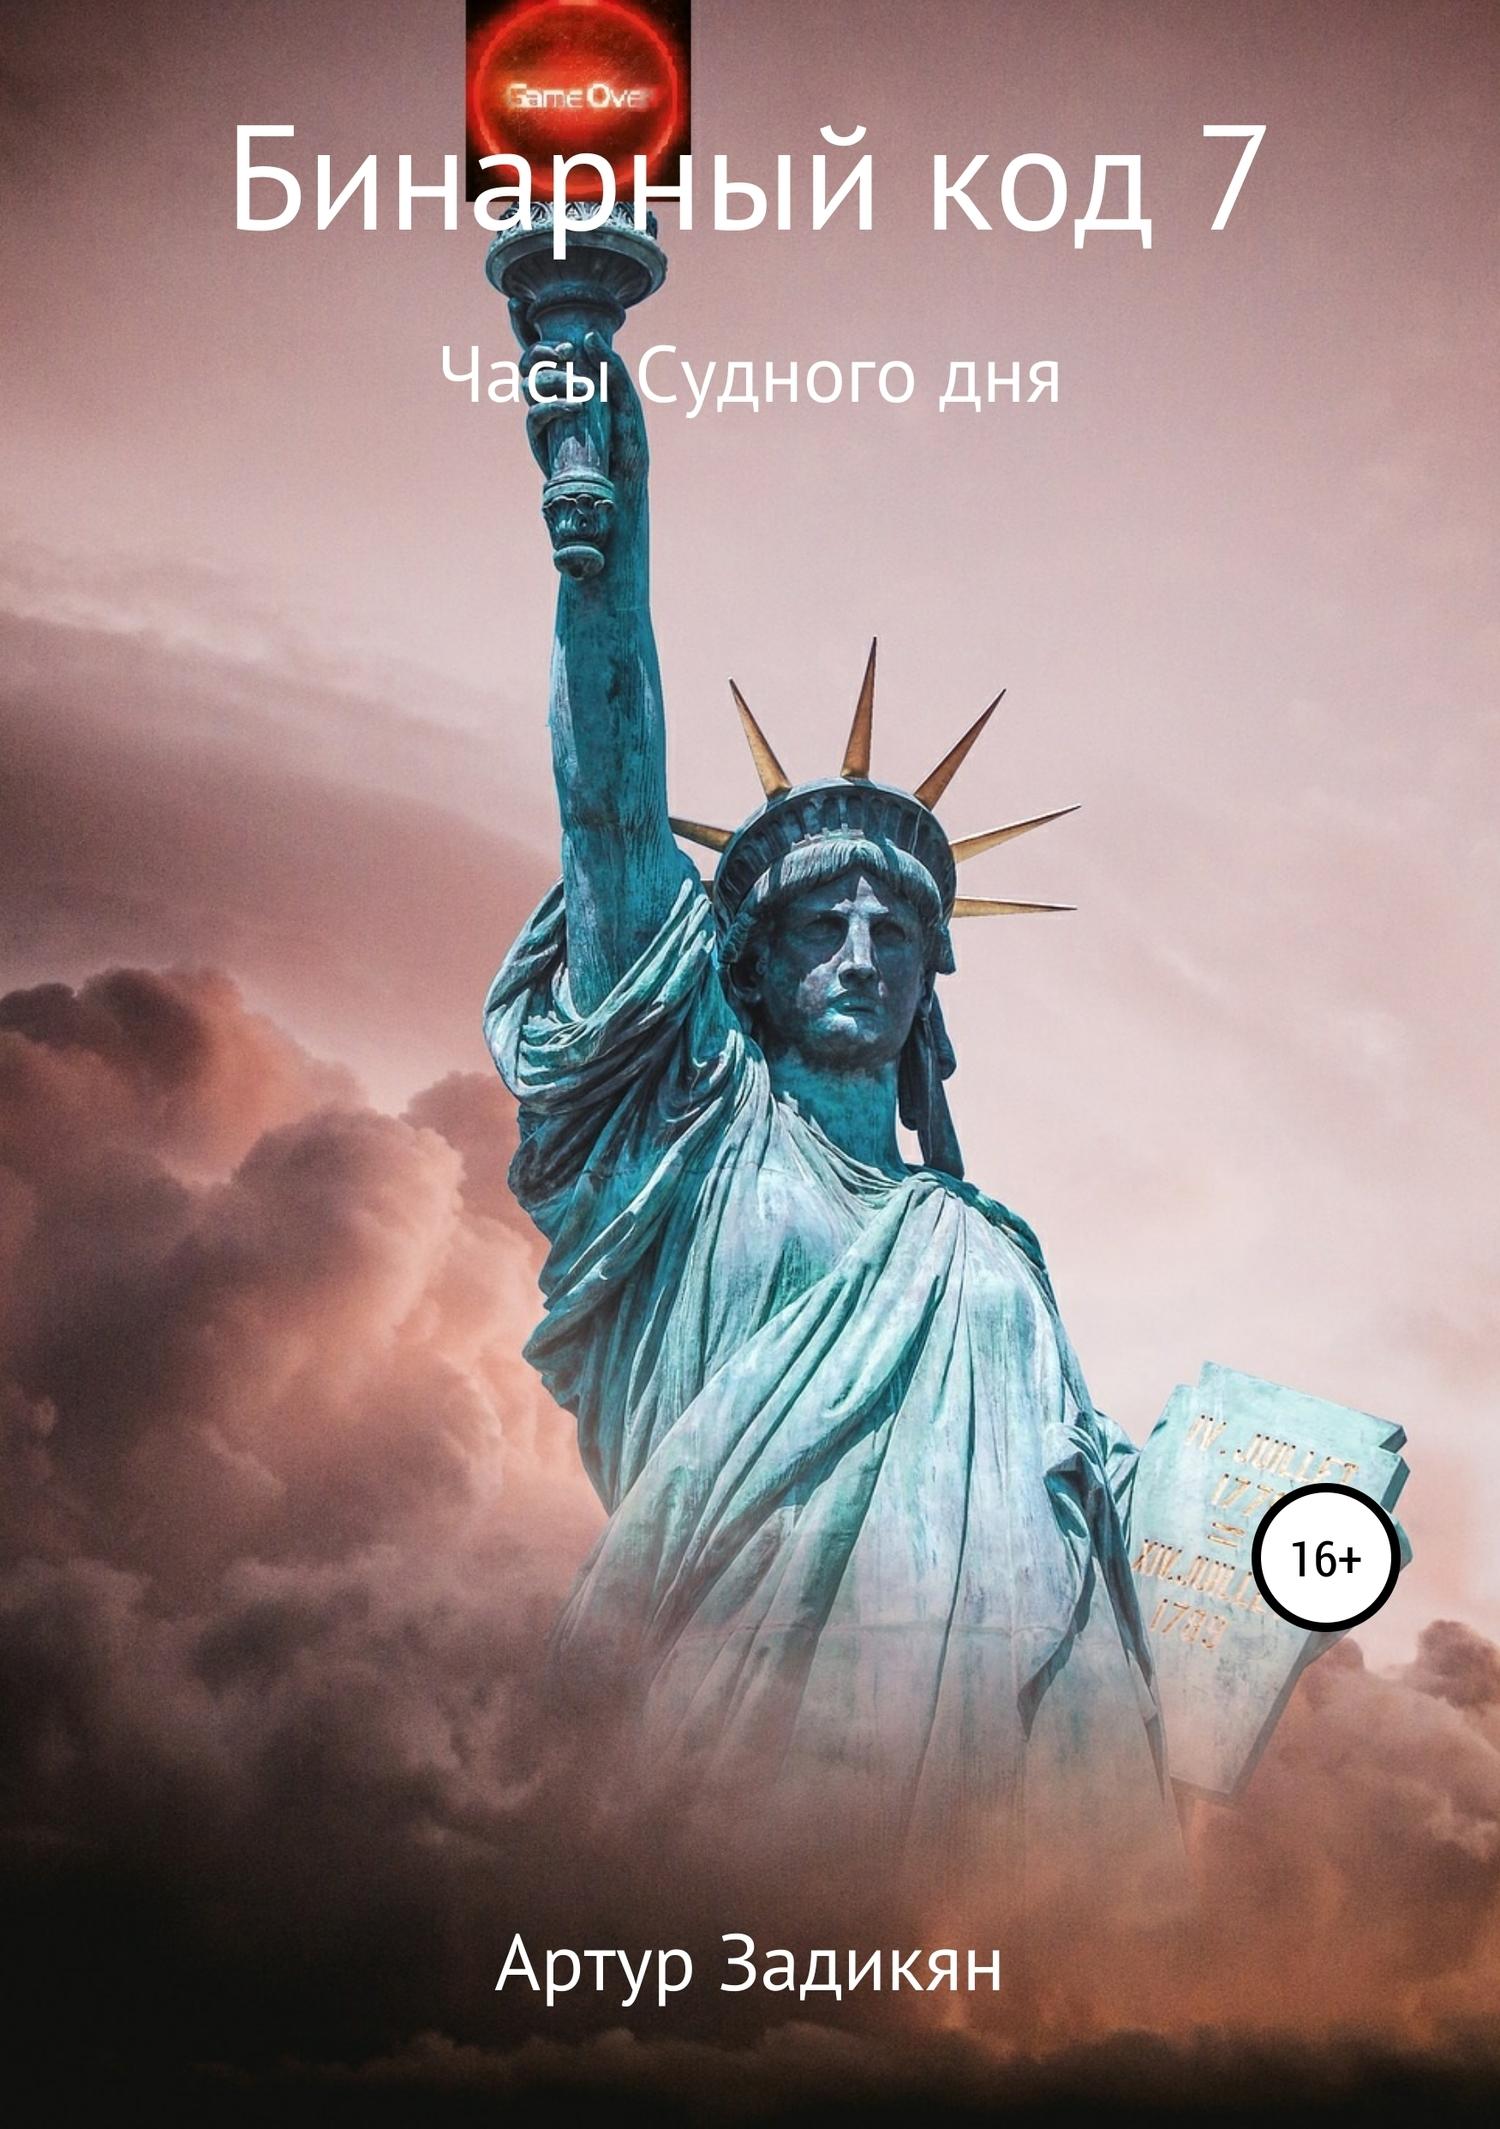 Бинарный код 7. Часы Судного дня